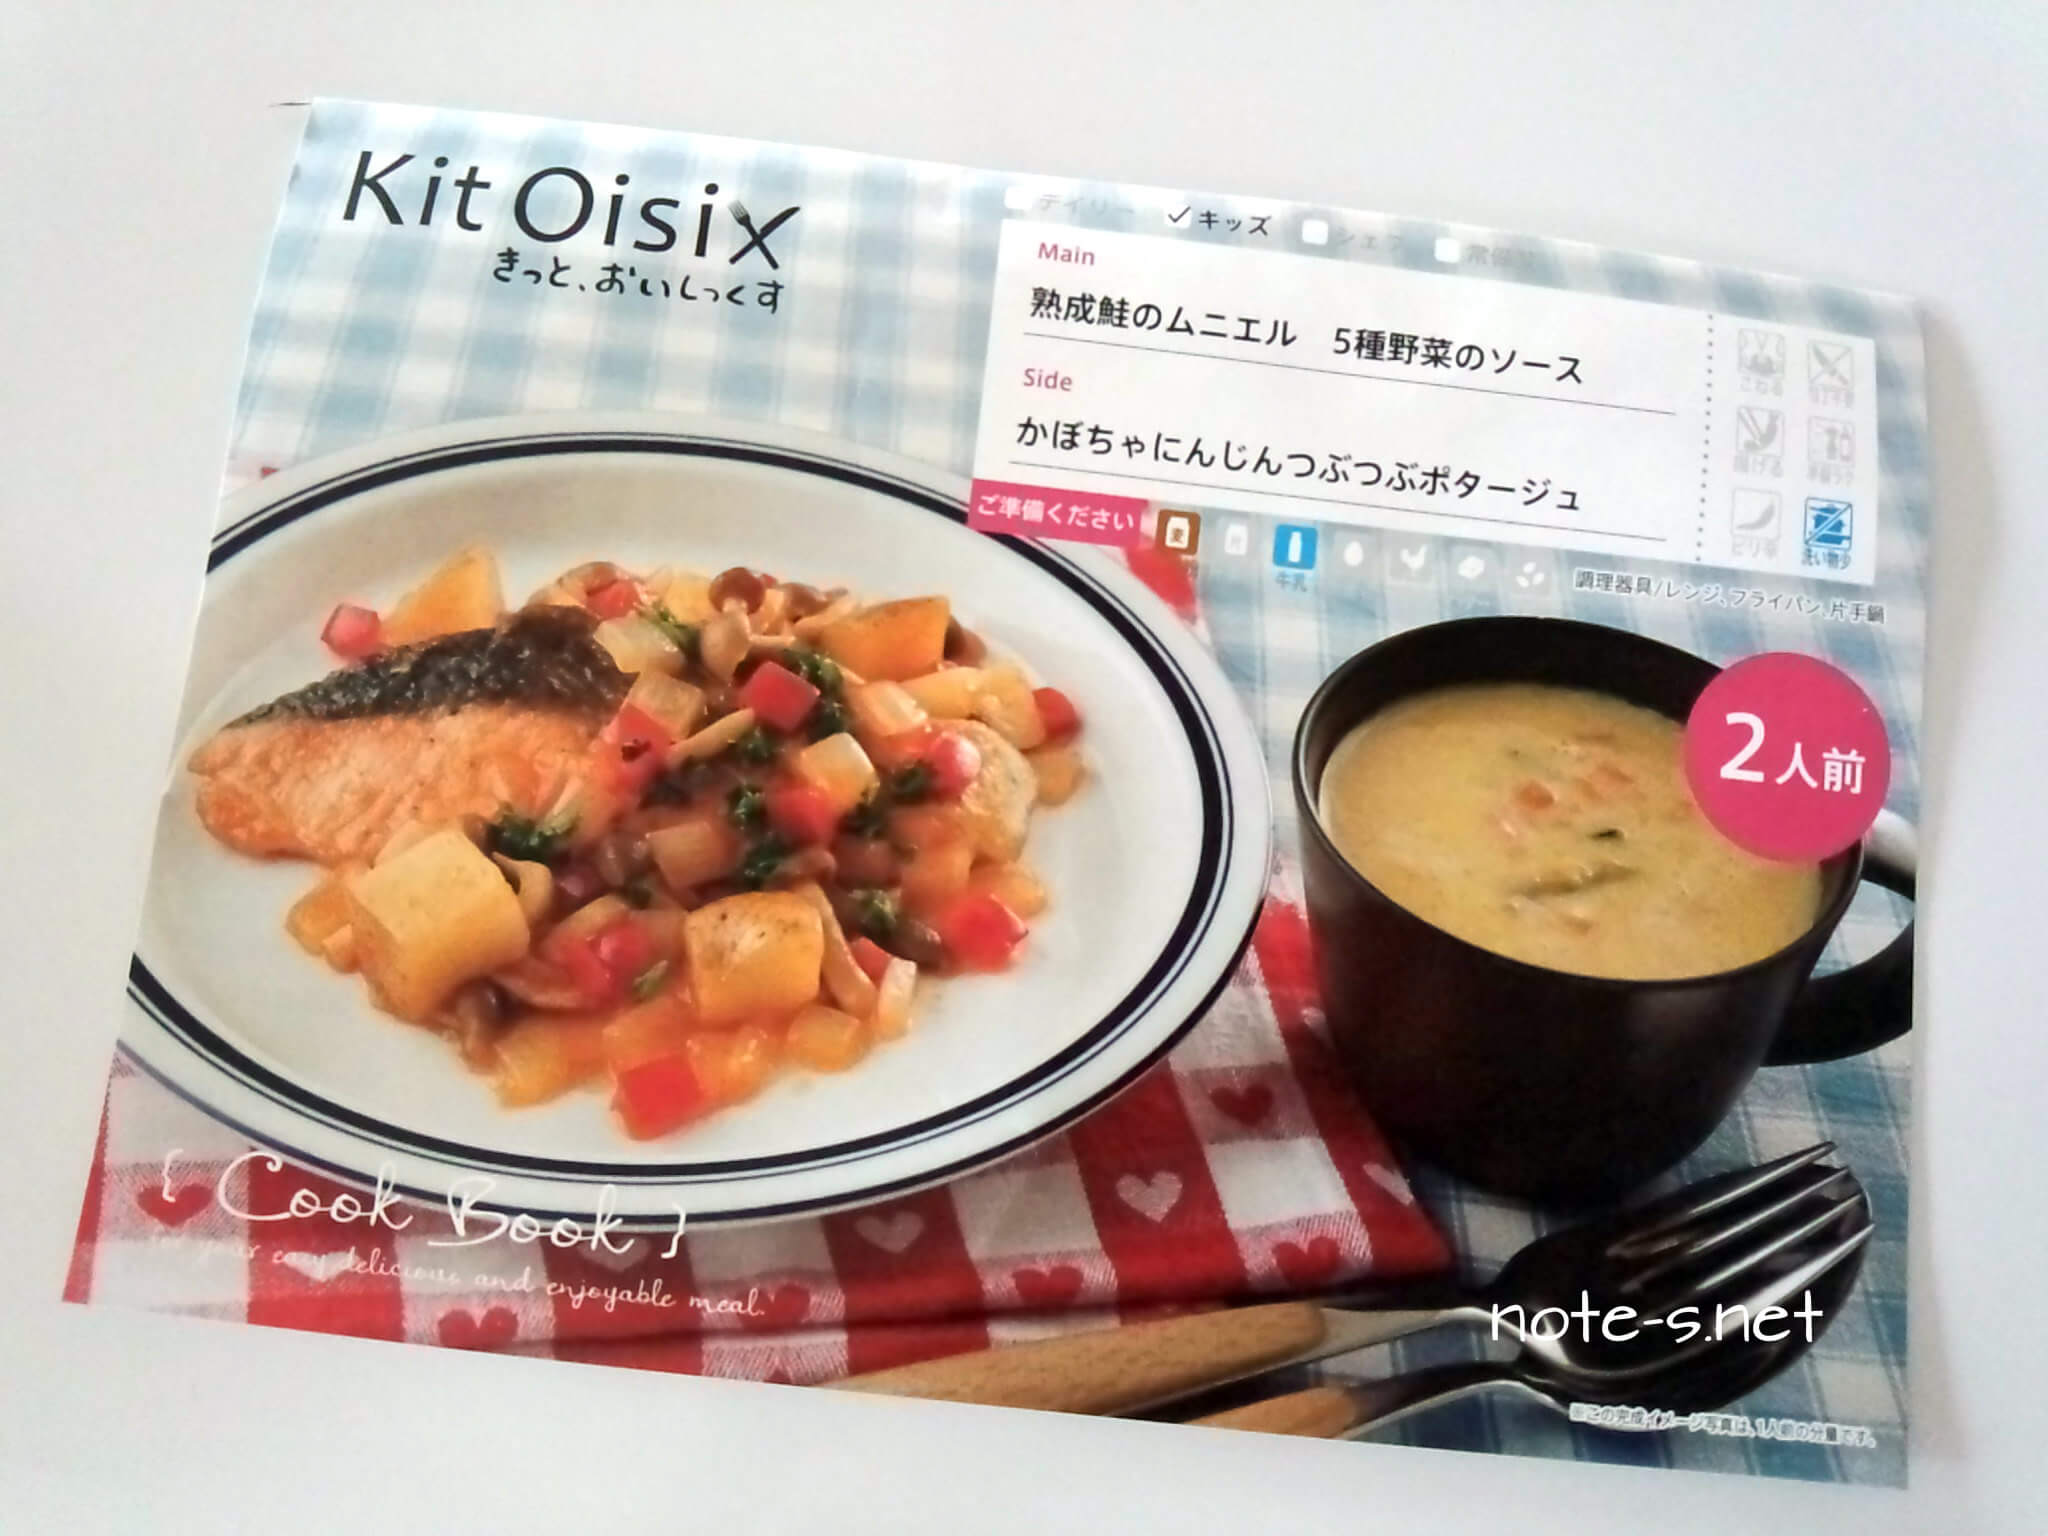 オイシックス「Kit Oisix」原価は約半額!再現調理してみた。